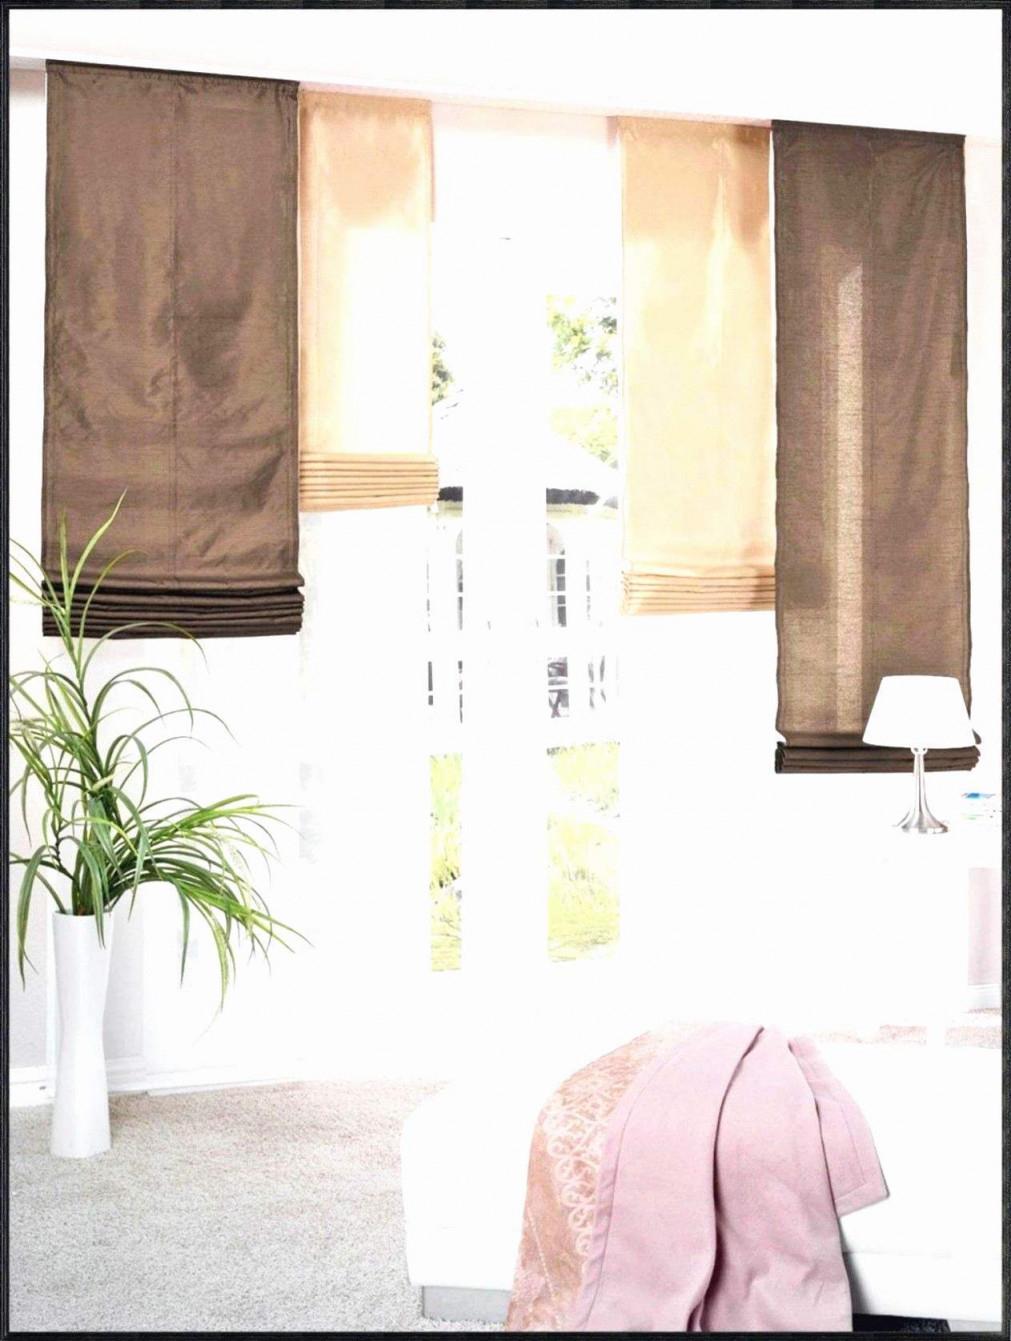 27 Einzigartig Edle Gardinen Wohnzimmer Genial  Wohnzimmer von Edle Gardinen Wohnzimmer Photo